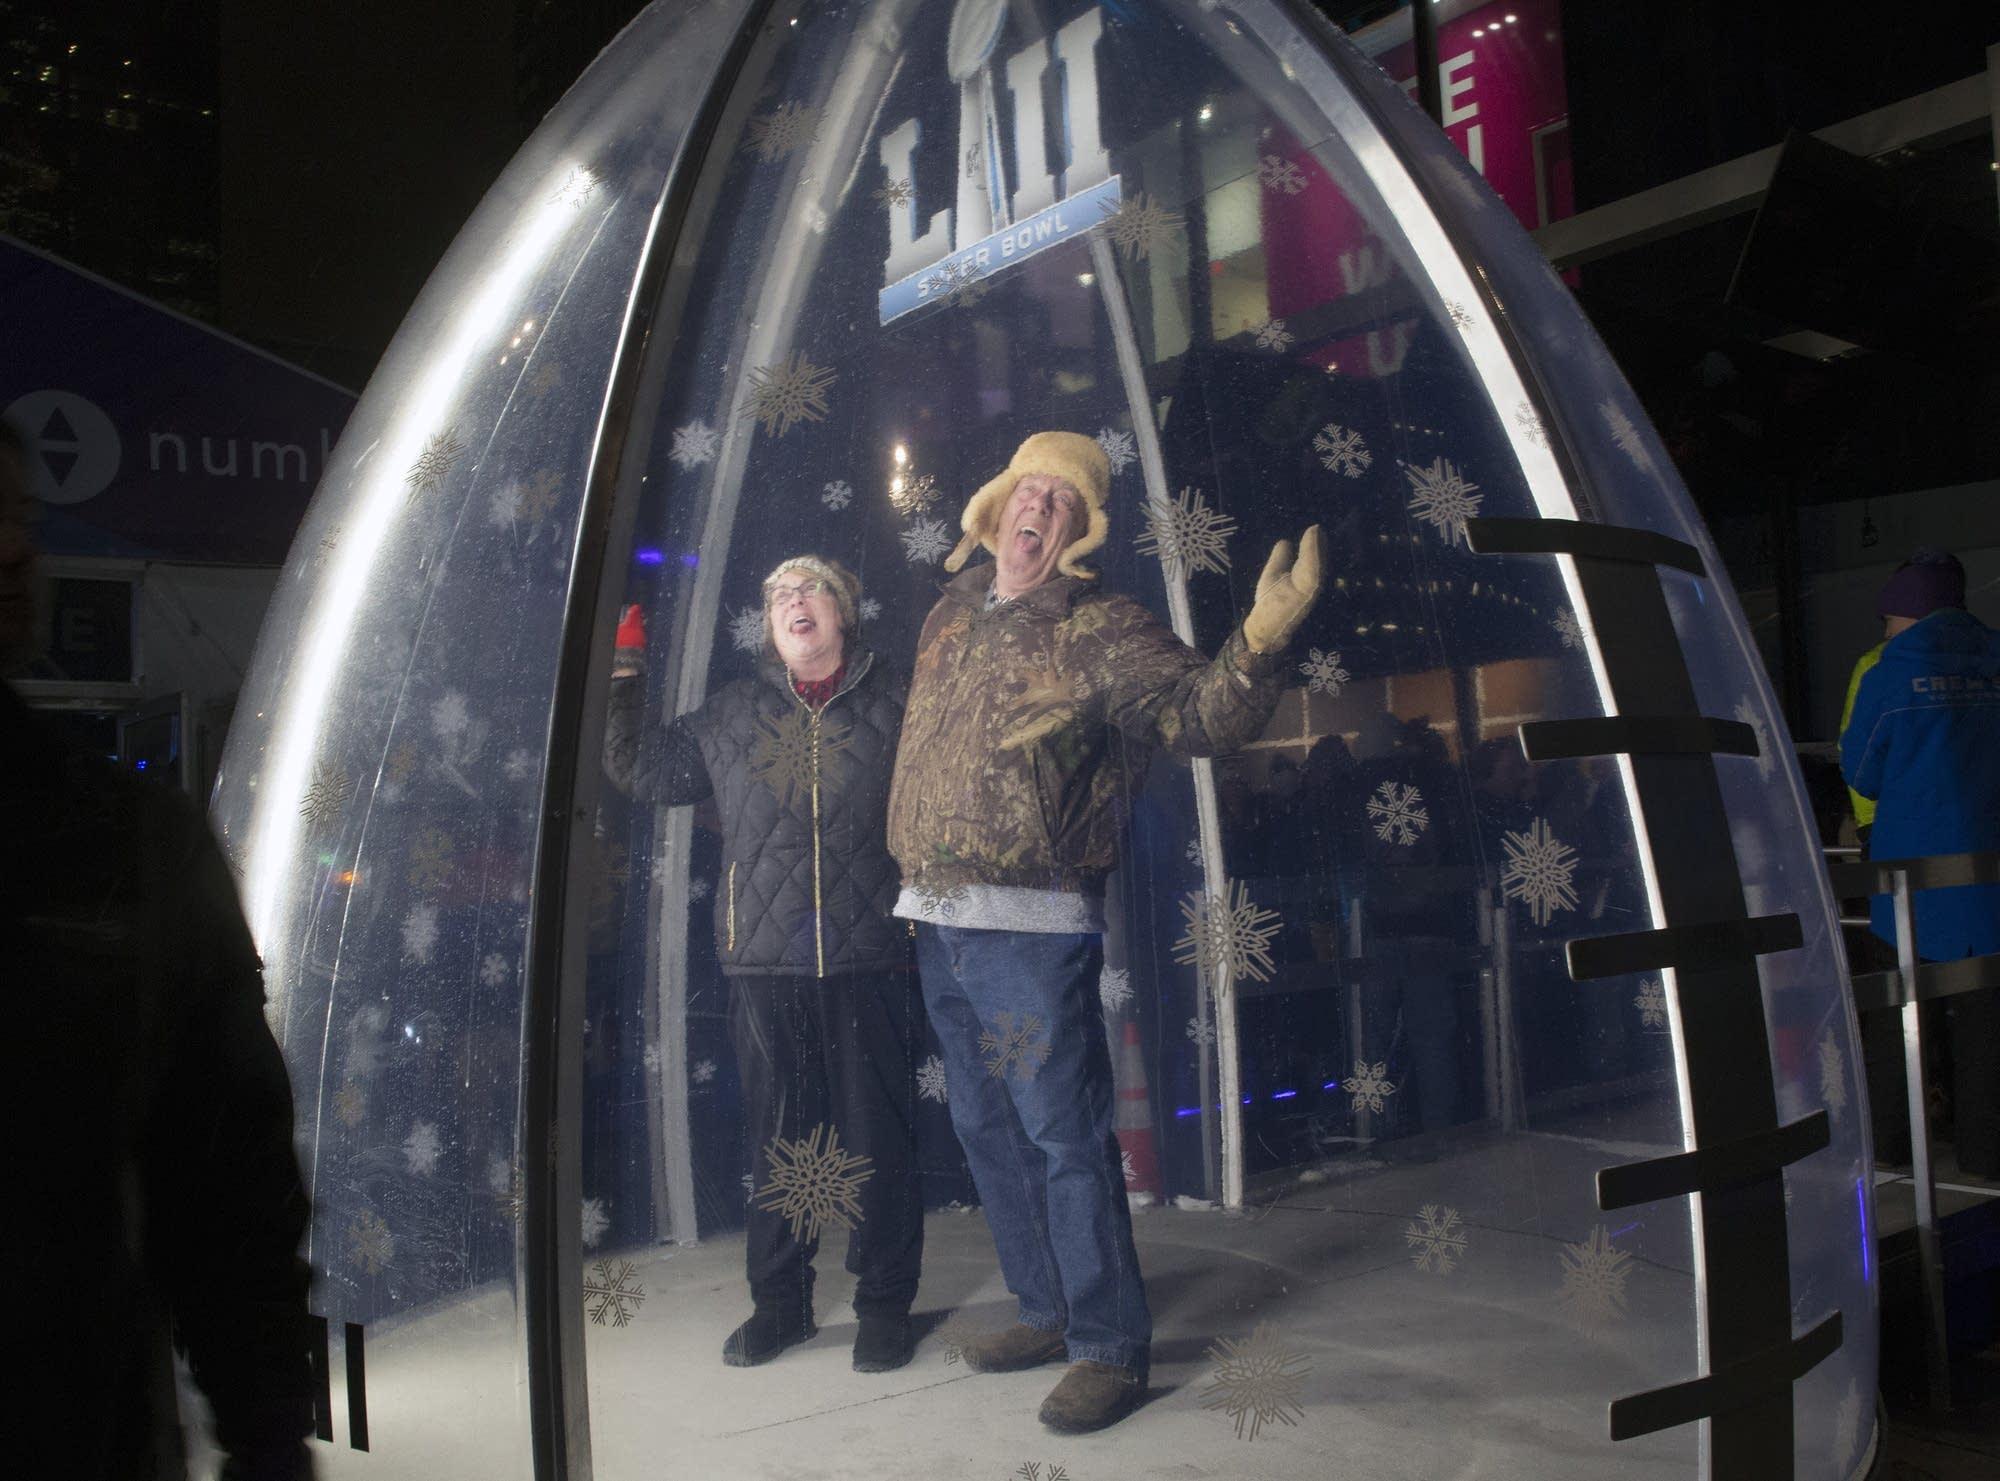 Becky and Chuck Human hammed it up inside of a plexiglass football.